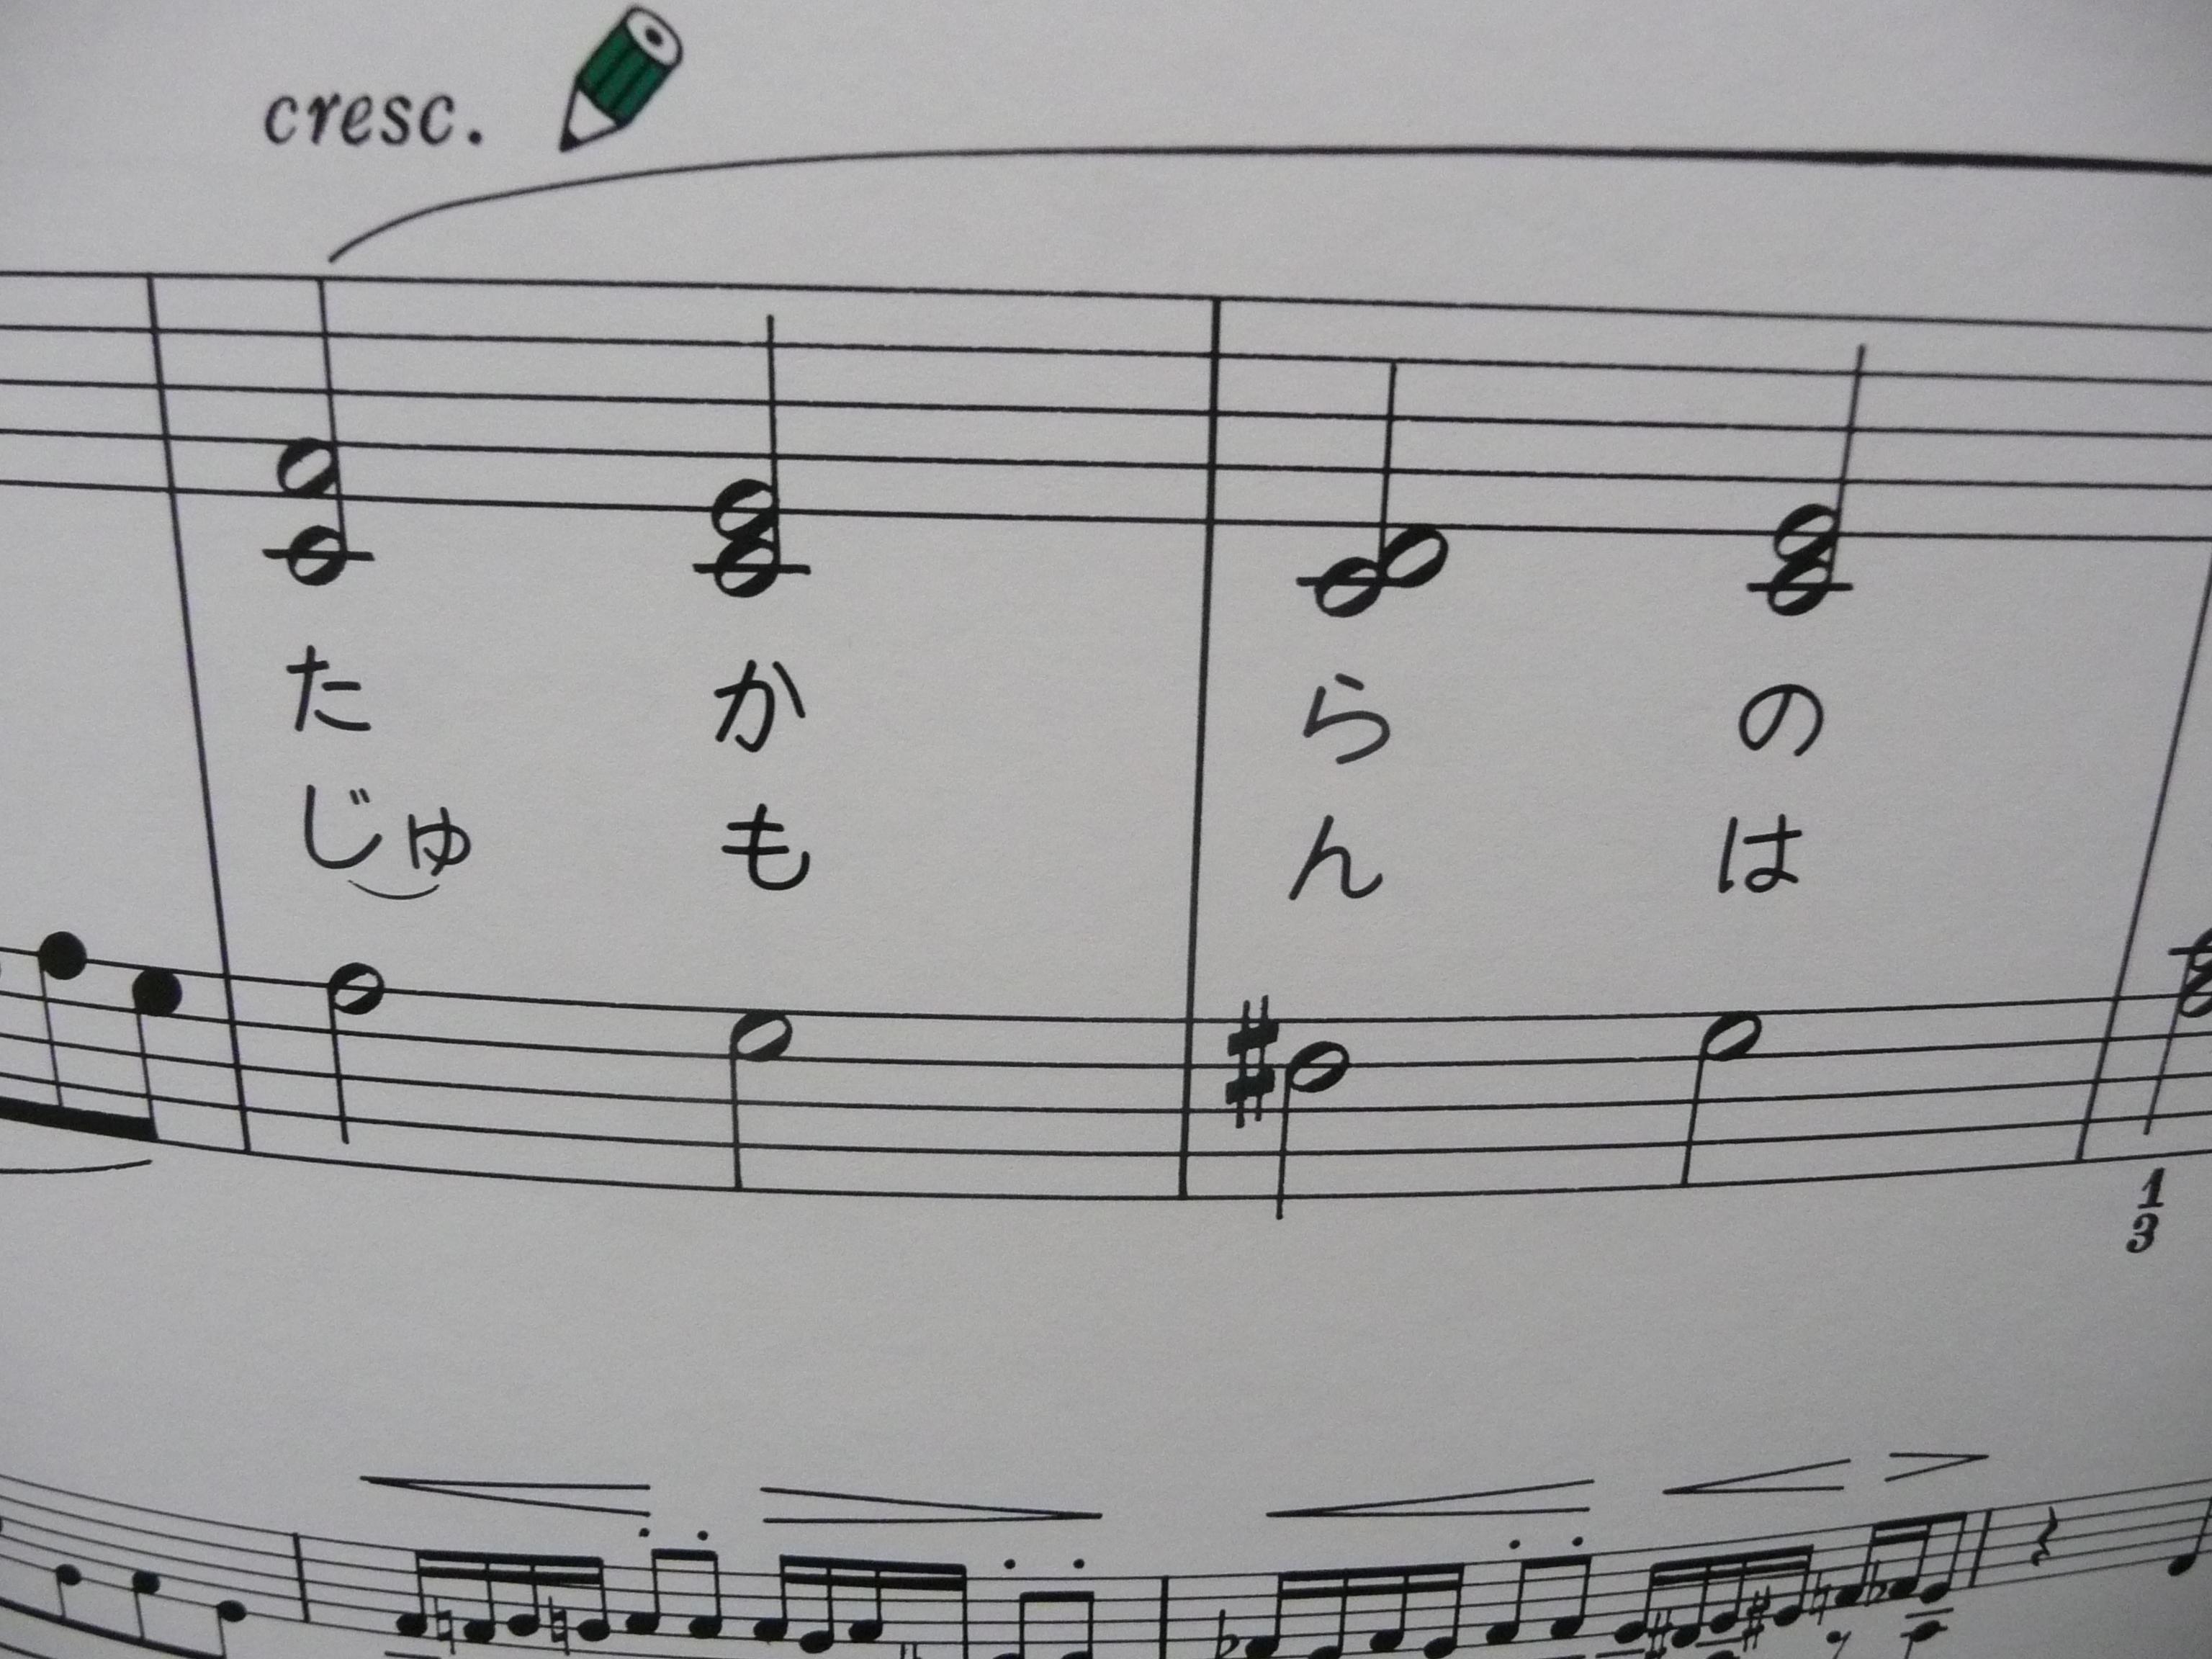 宝のダンジョン ピアノ楽譜